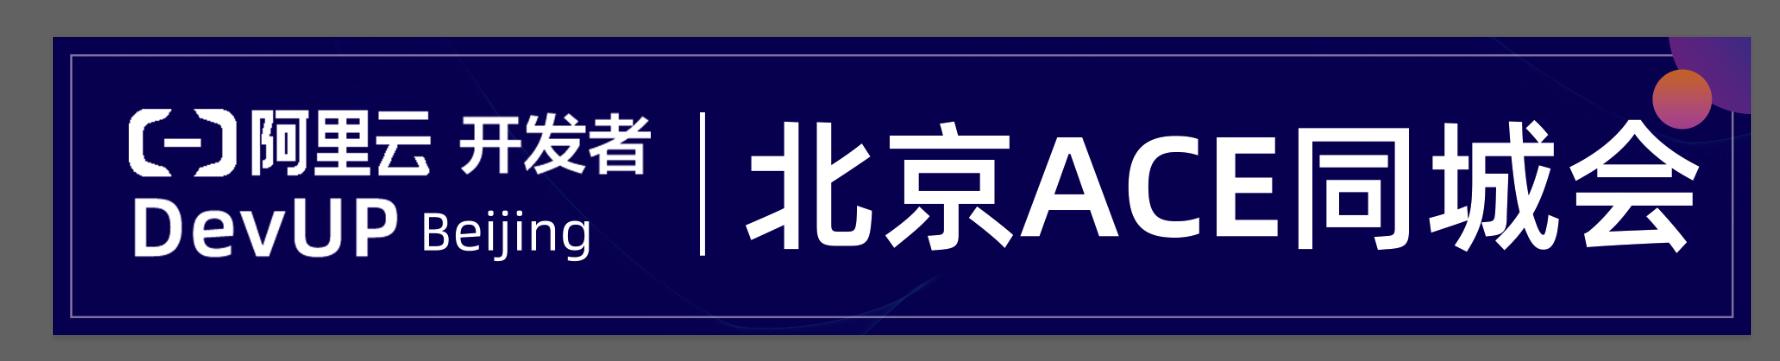 阿里云 ACE北京首场私董会技术实践活动圆满完成